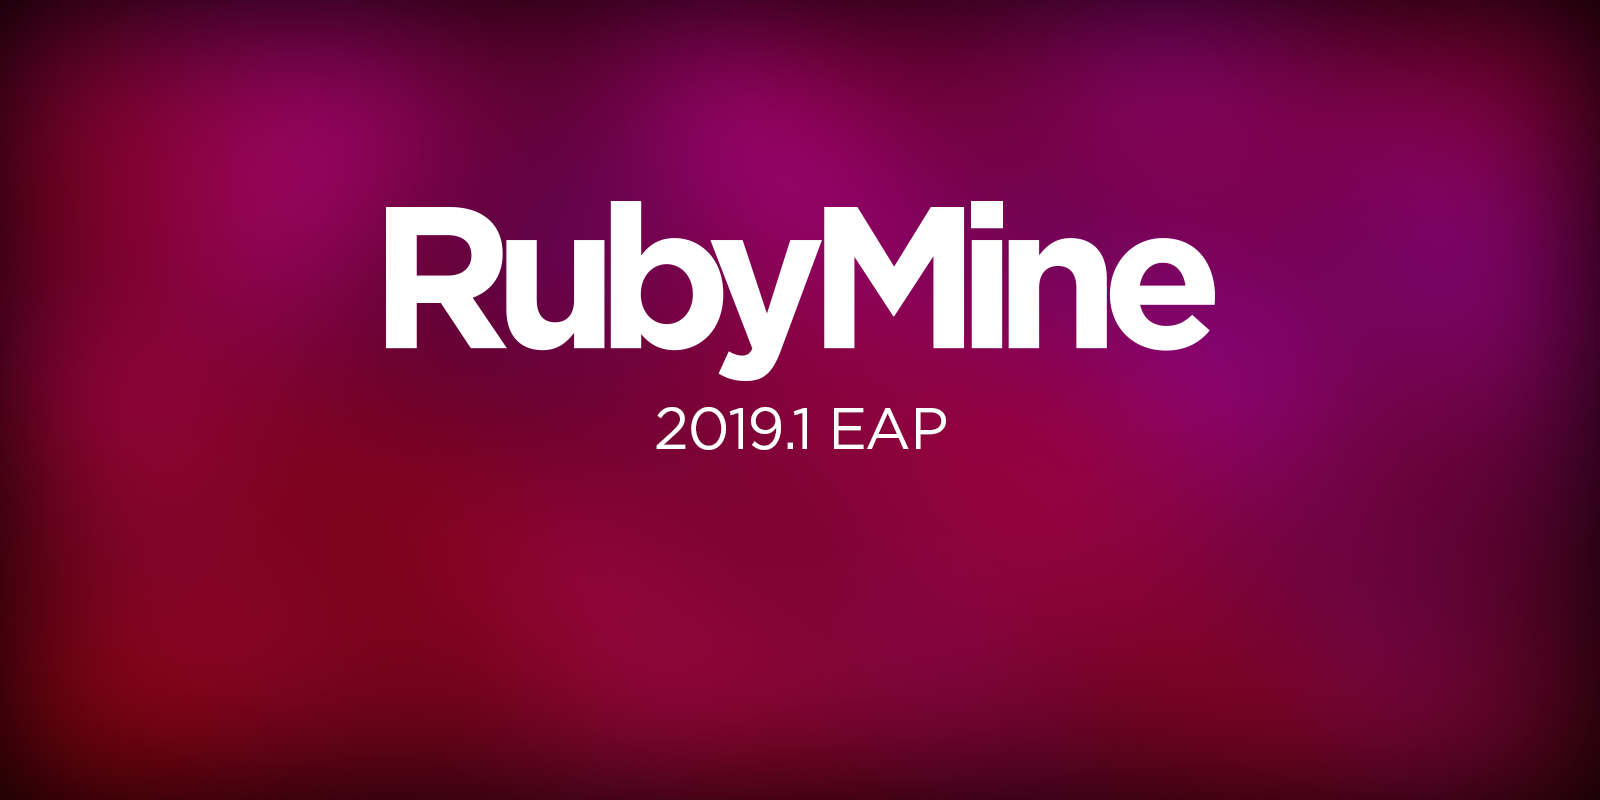 rubymine_2019_1_eap_open